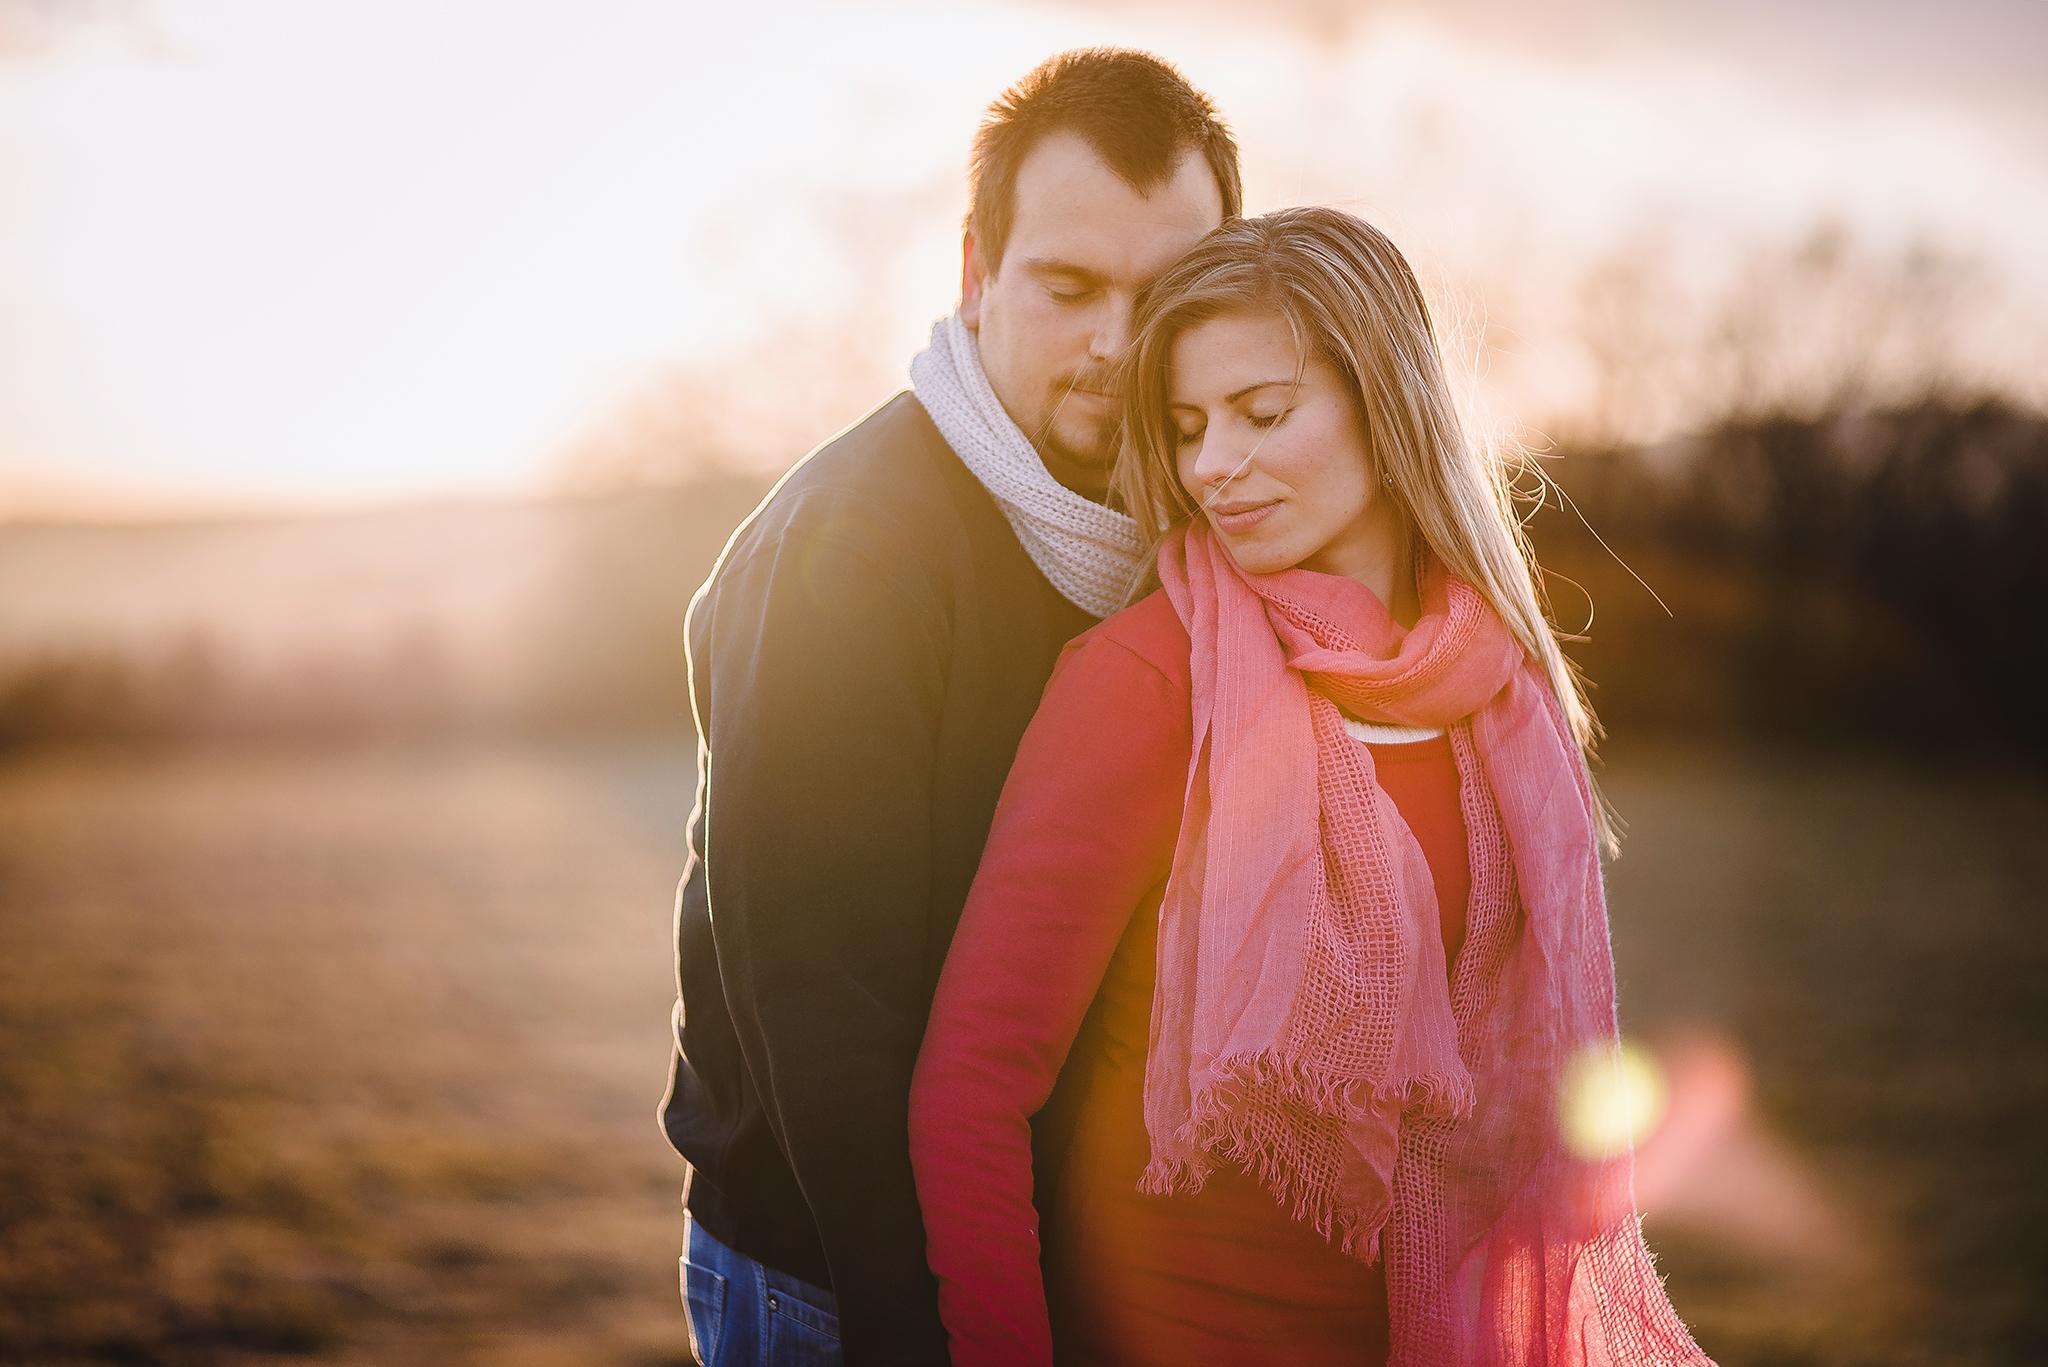 láska, príroda, love, lúka, západ slnka, sunset, romantika, úsmev, radosť, zamilovaný pár